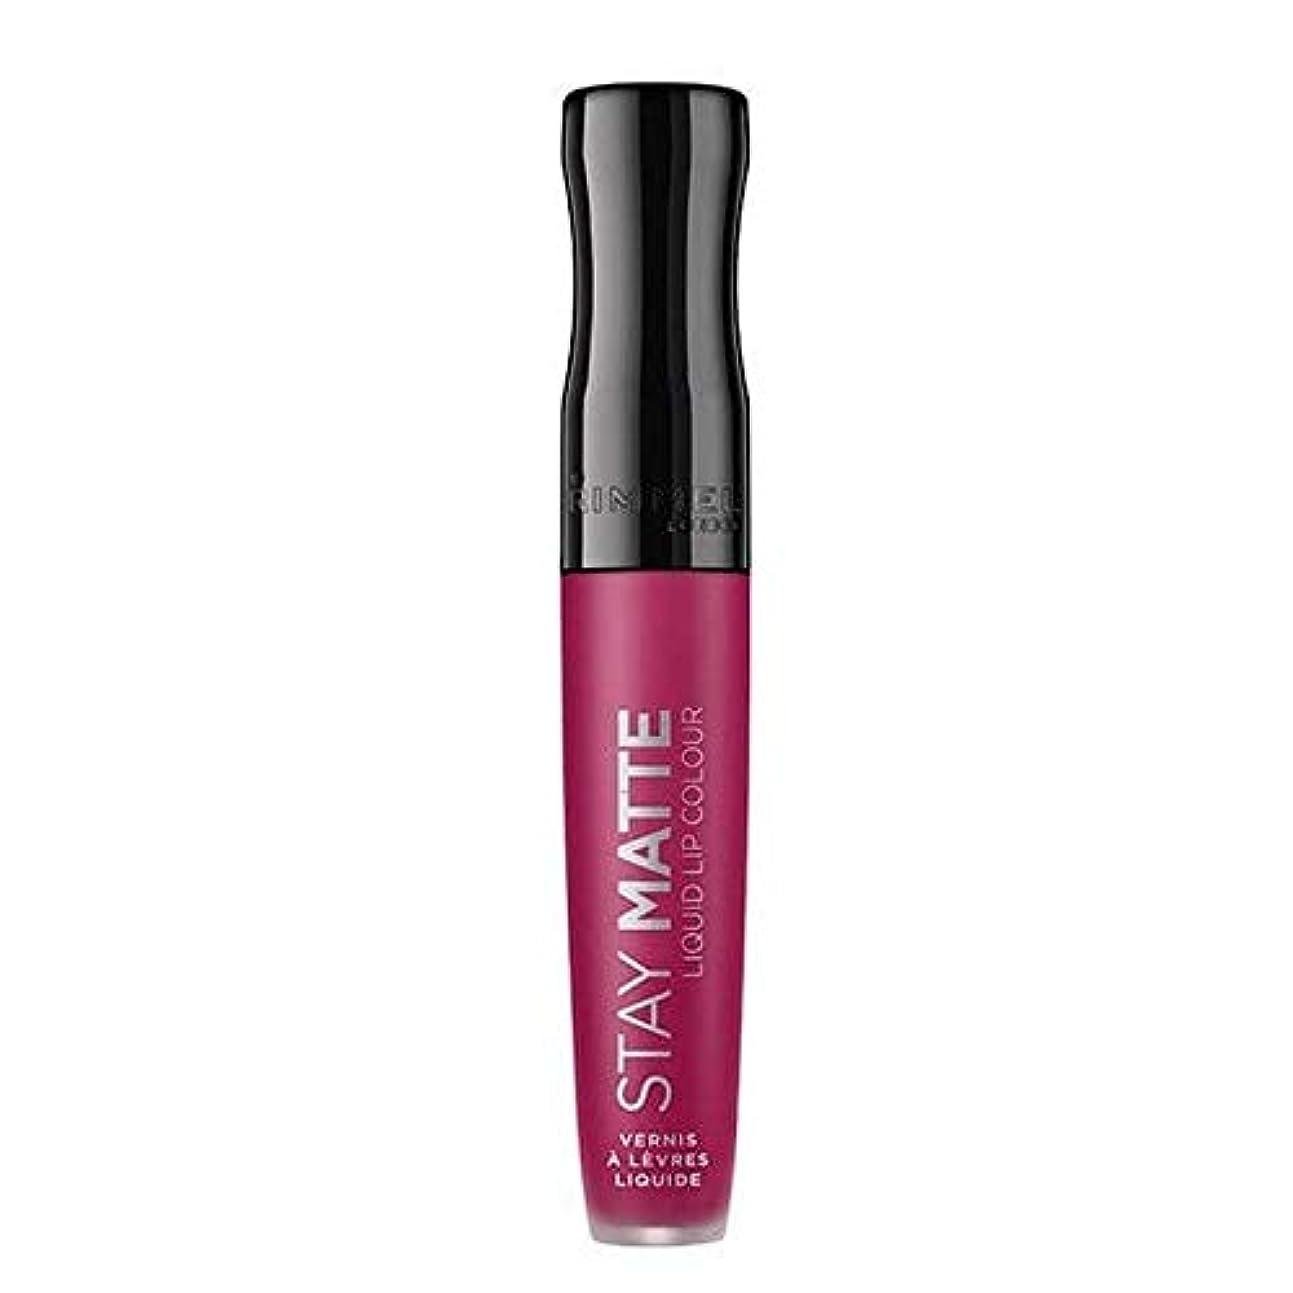 プラグあごスプレー[Rimmel ] リンメルステイマット液状口紅ハートビート820 - Rimmel Stay Matte Liquid Lipstick Heartbeat 820 [並行輸入品]